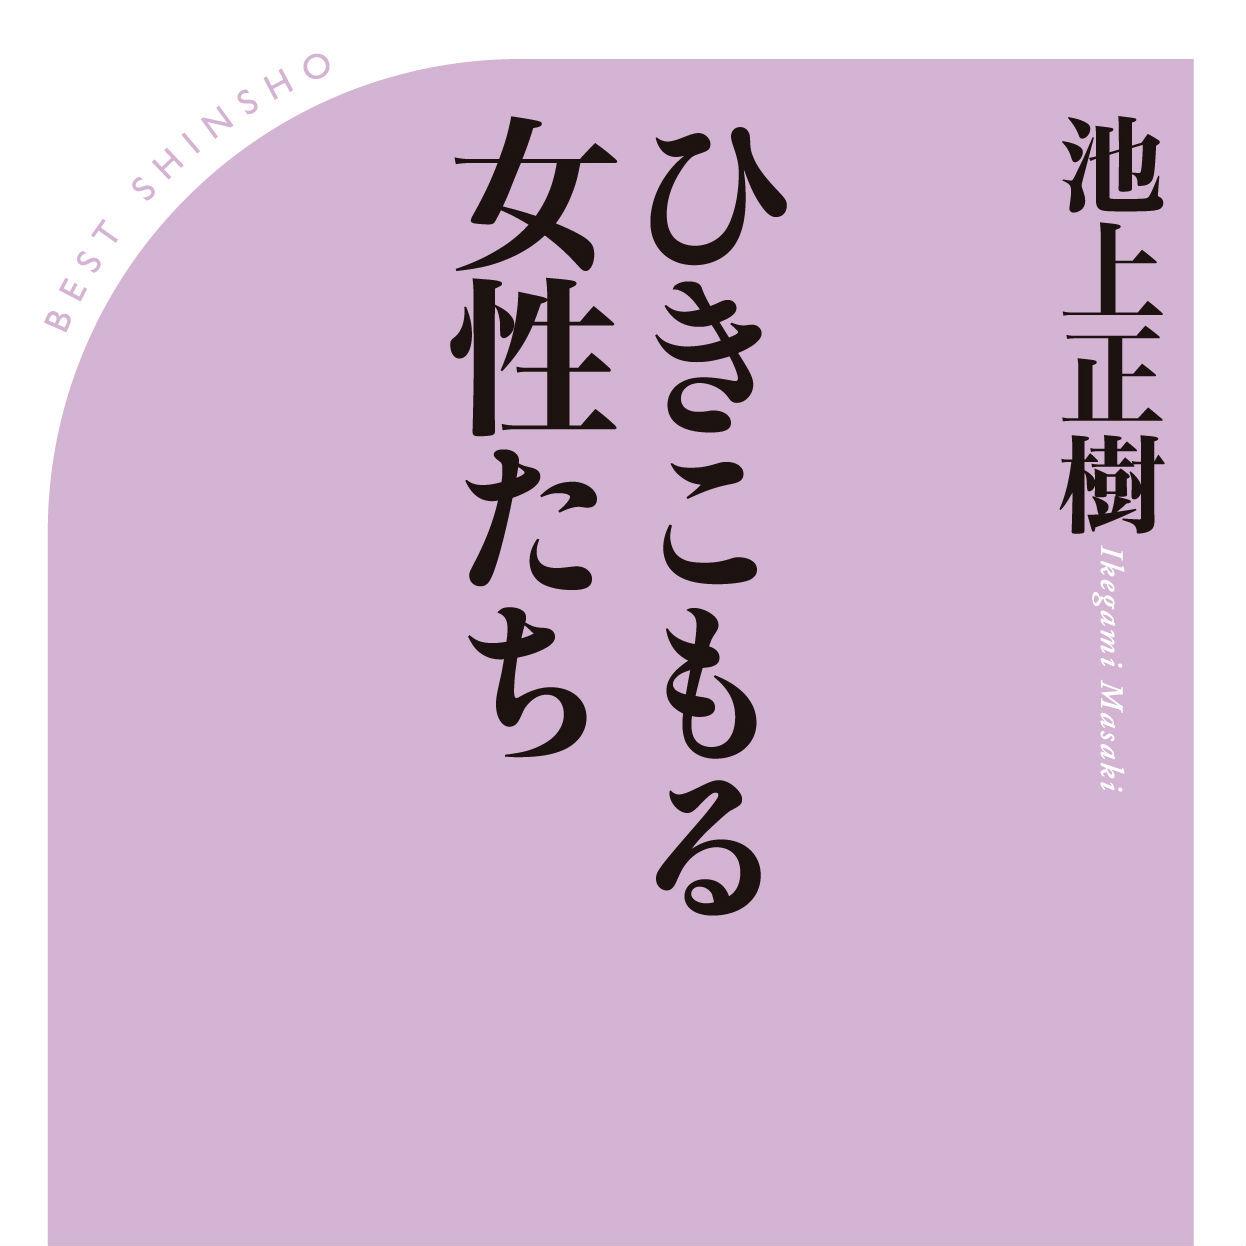 統計から消された、ひきこもる女性たちの実態――『ひきこもる女性たち』5月10日発売!